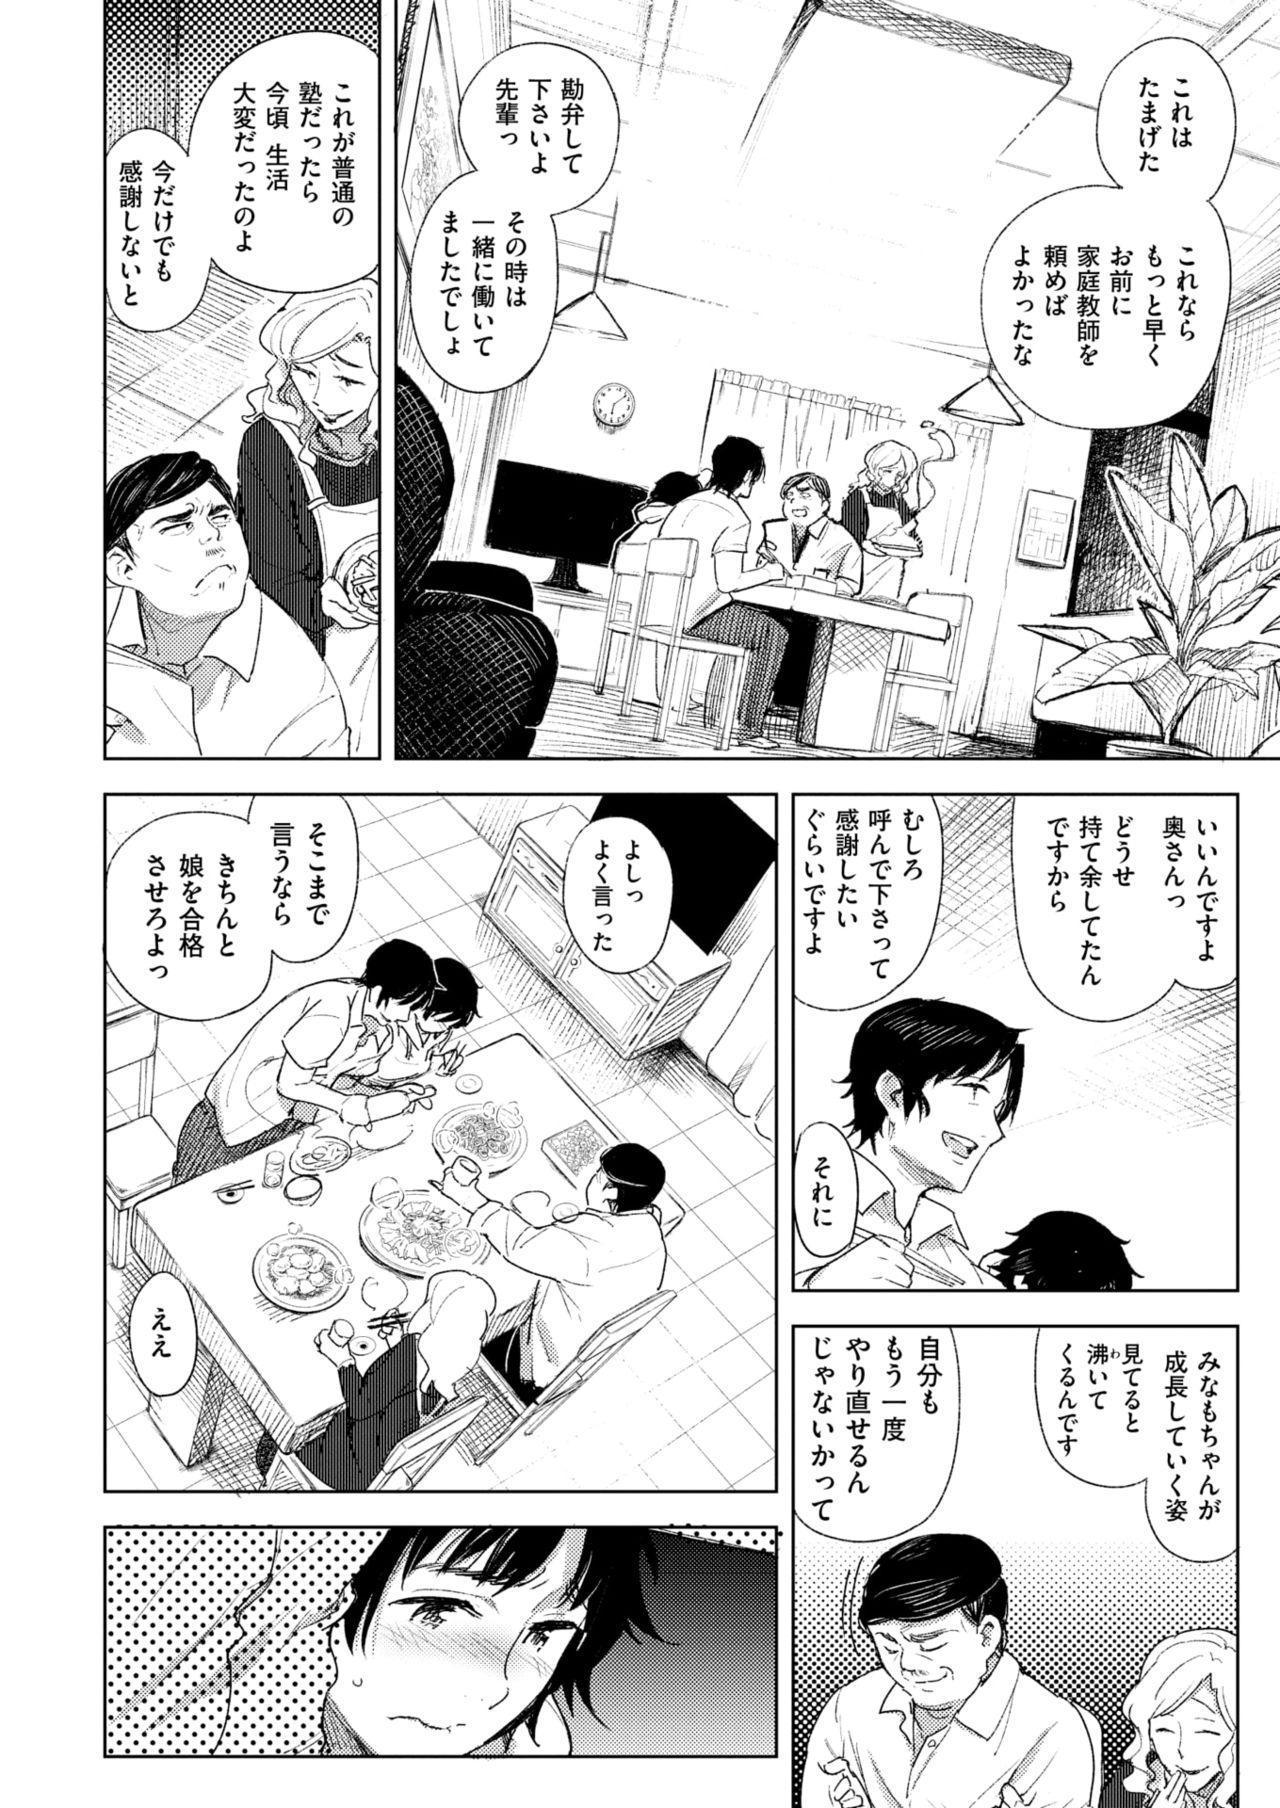 COMIC Kairakuten 25 Shuunen kinen tokubetsugou 354